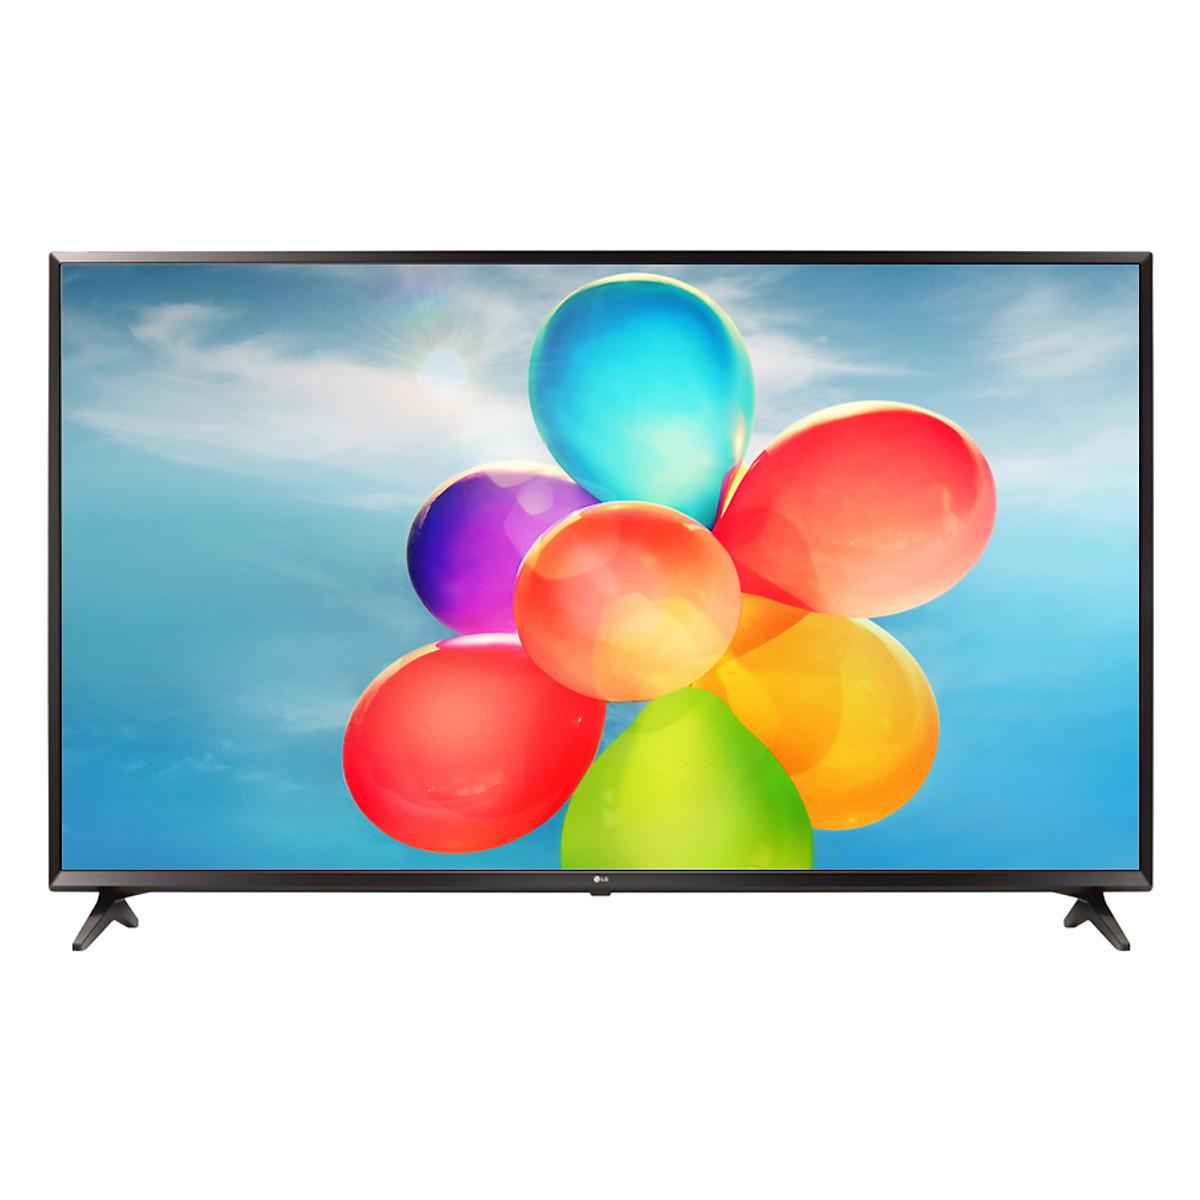 Smart Tivi LG 55 inch 4K UHD 55UK6100PTA - nên mua tivi màn hình 55inch nào